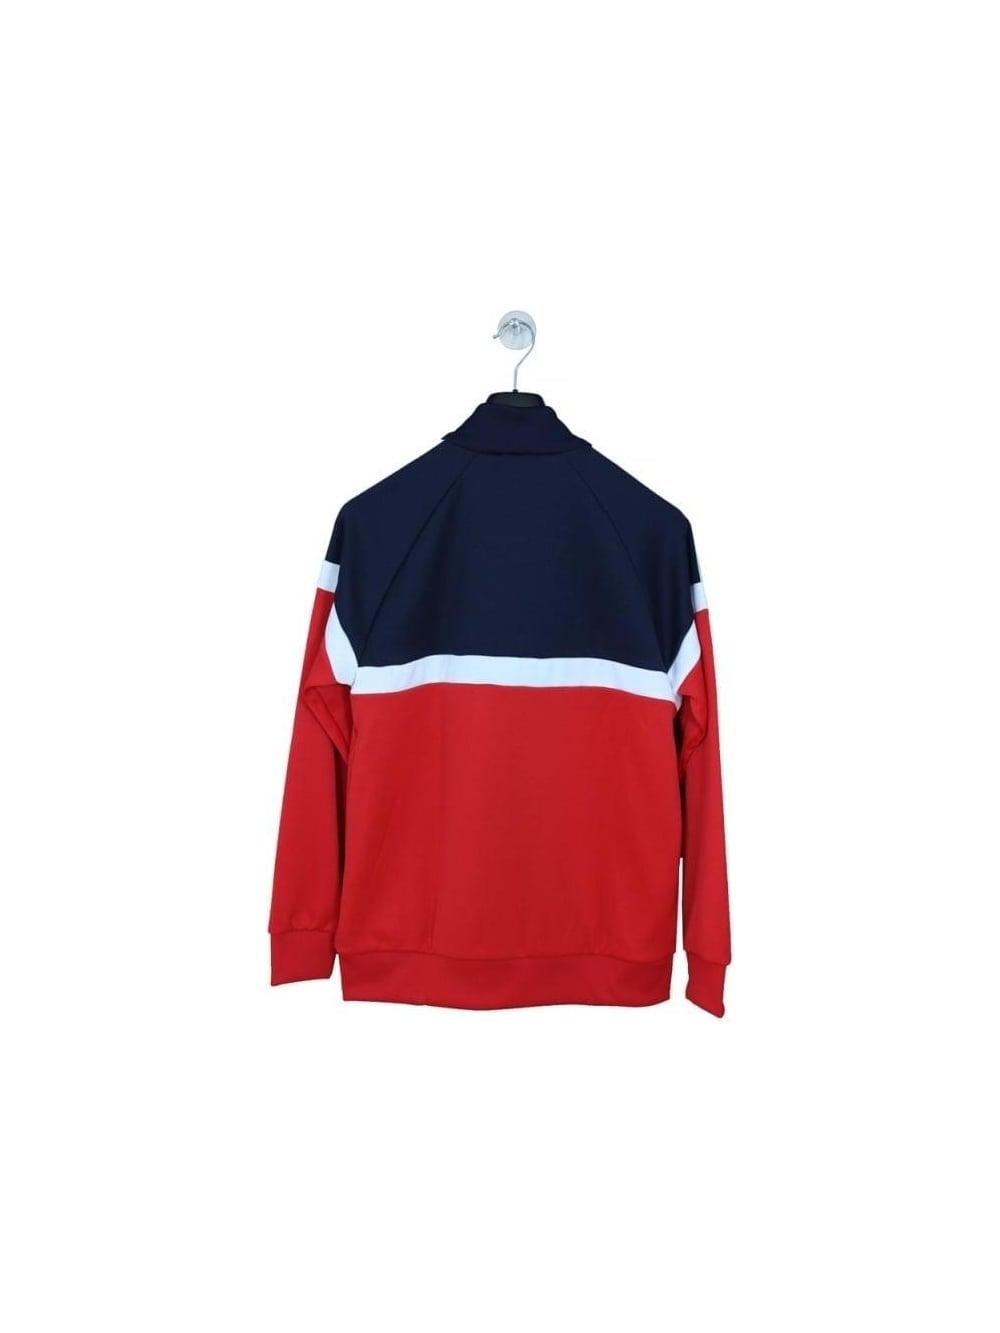 adidas Originals Itasca Track Top - Red